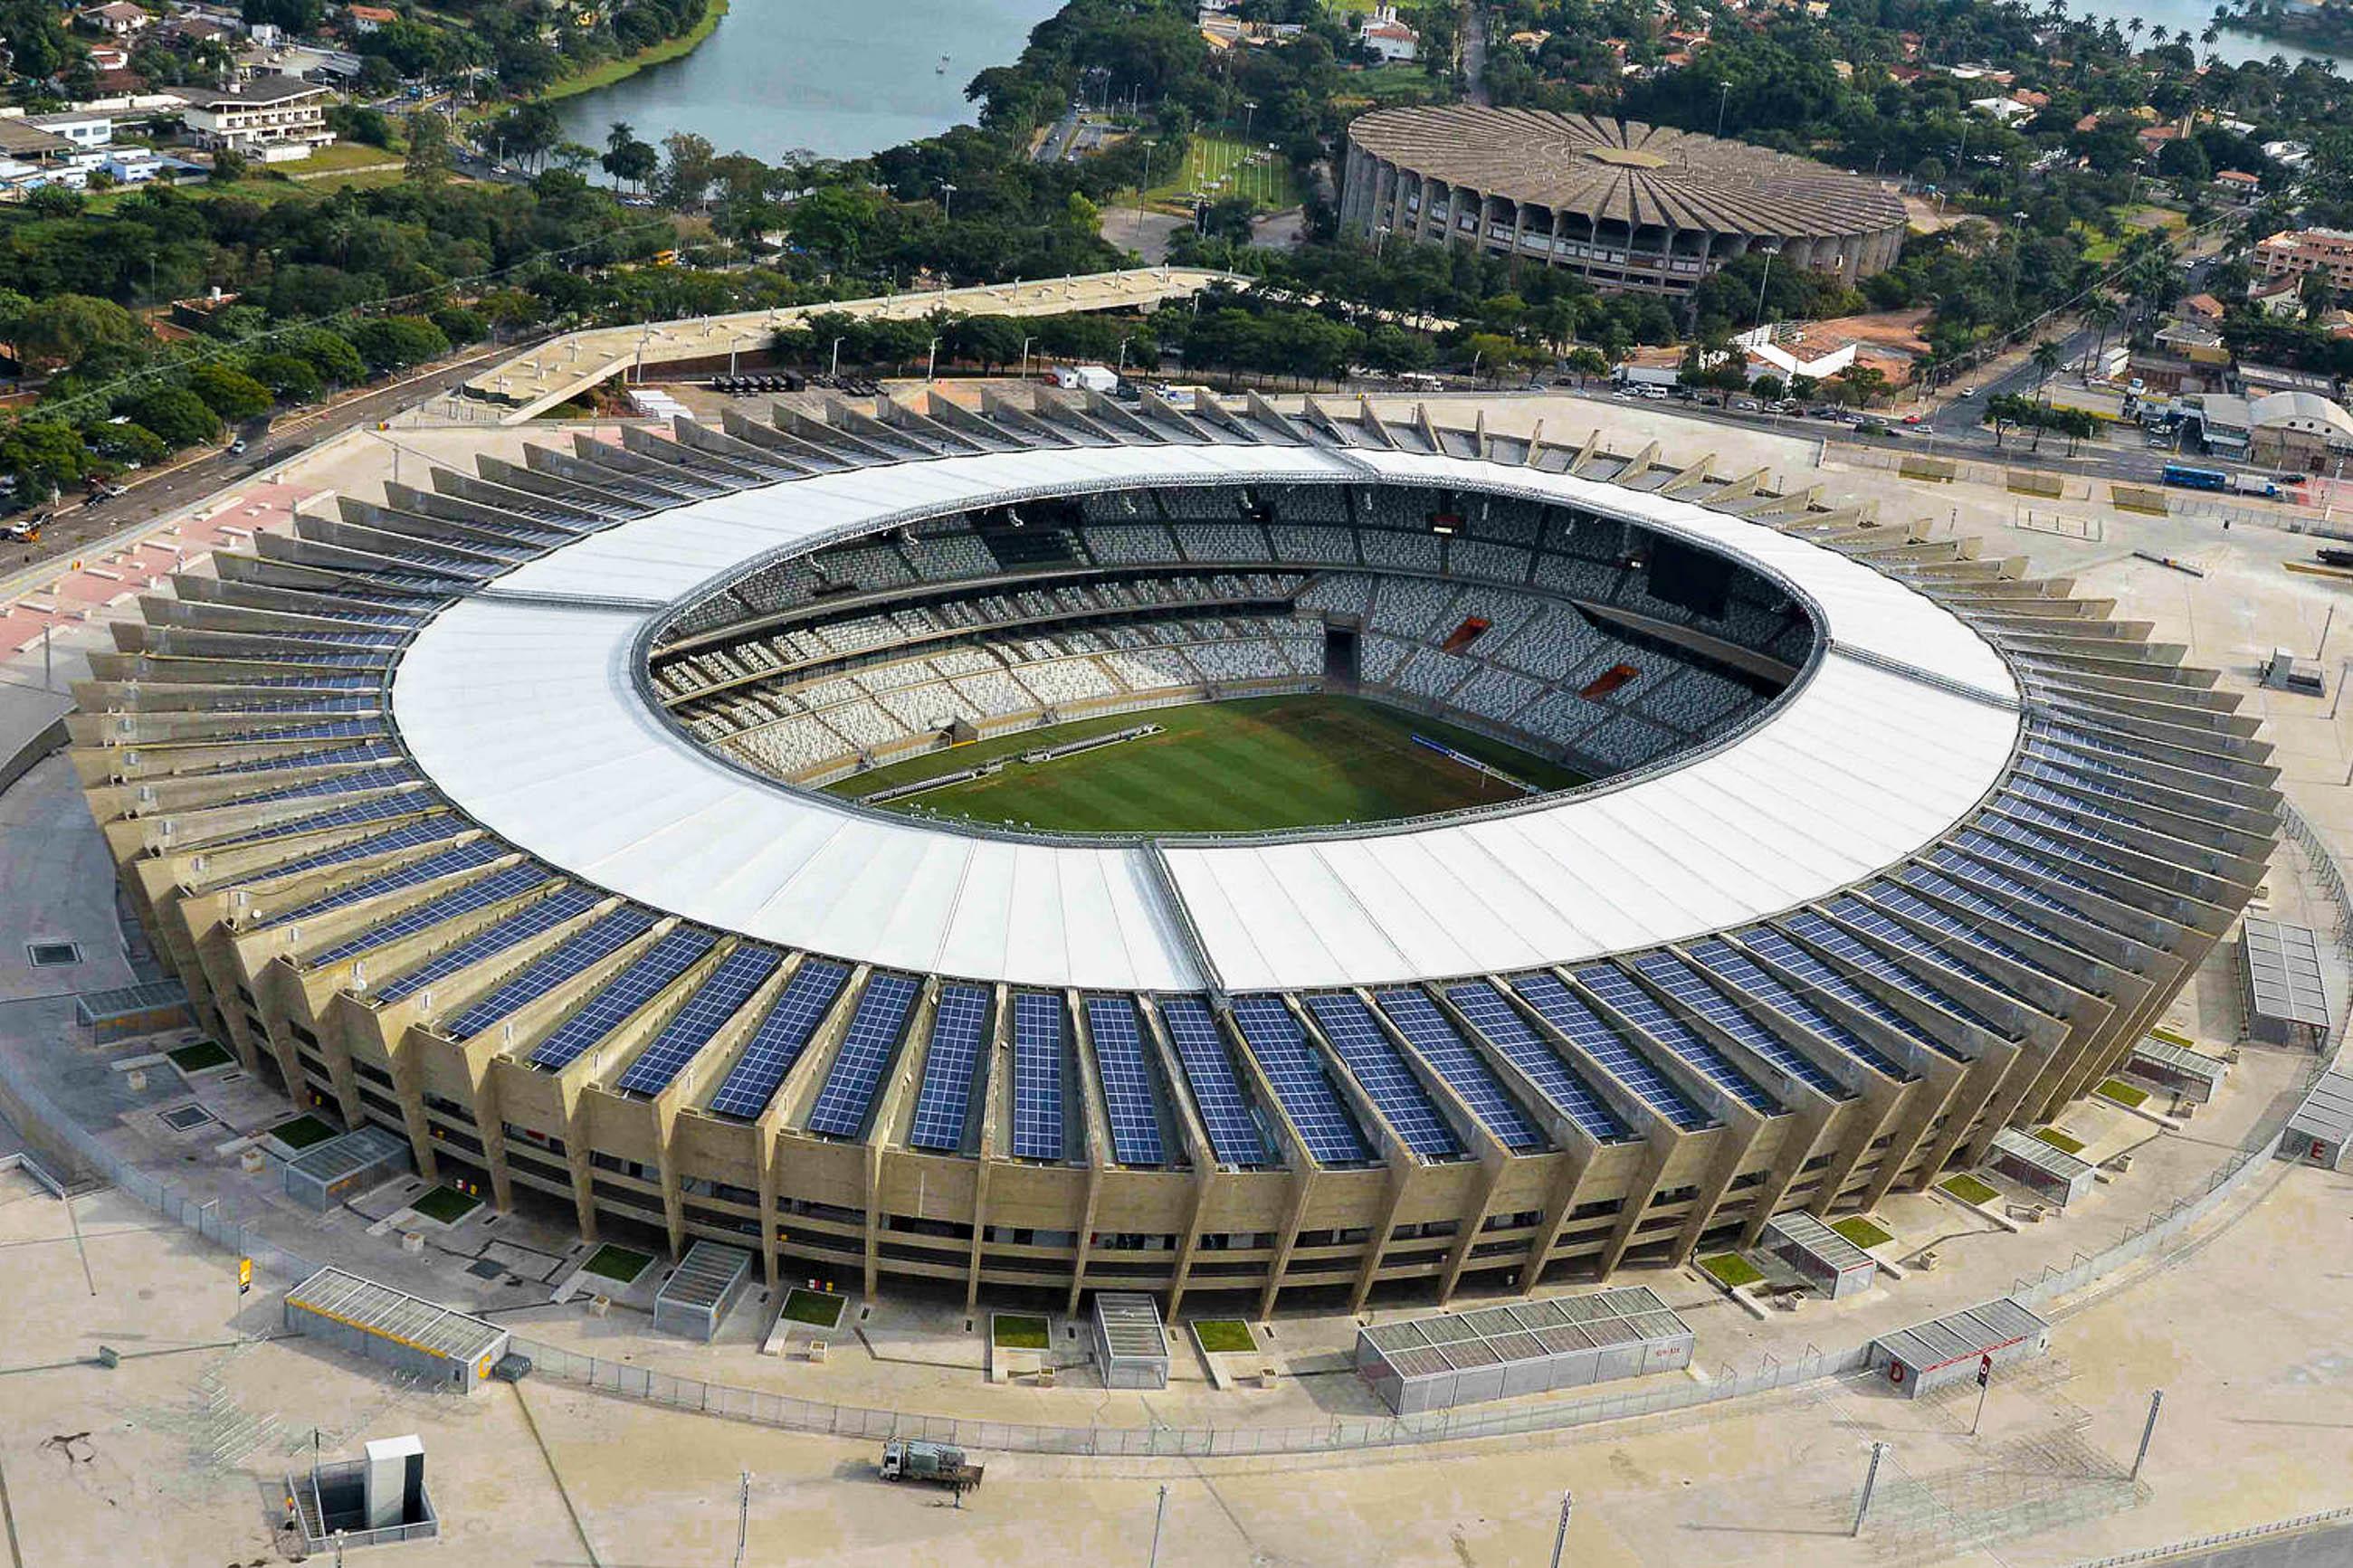 mineir o stadion in belo horizonte brasilien franks travelbox. Black Bedroom Furniture Sets. Home Design Ideas